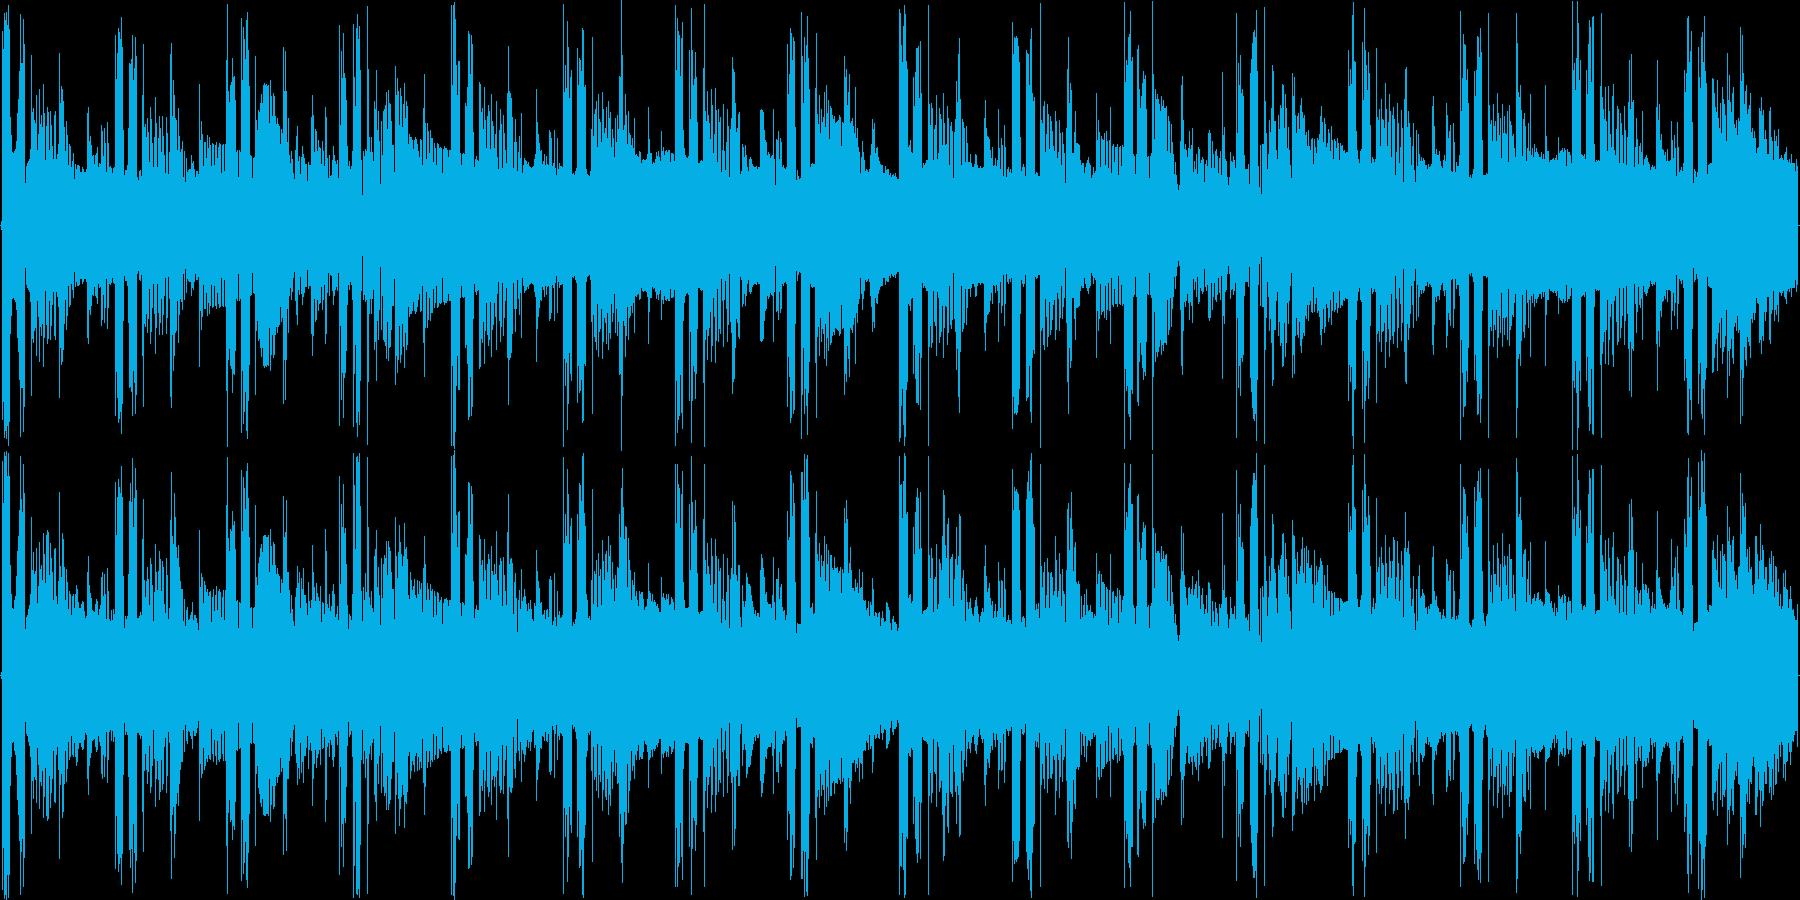 神秘的で不思議な雰囲気のテクノの再生済みの波形